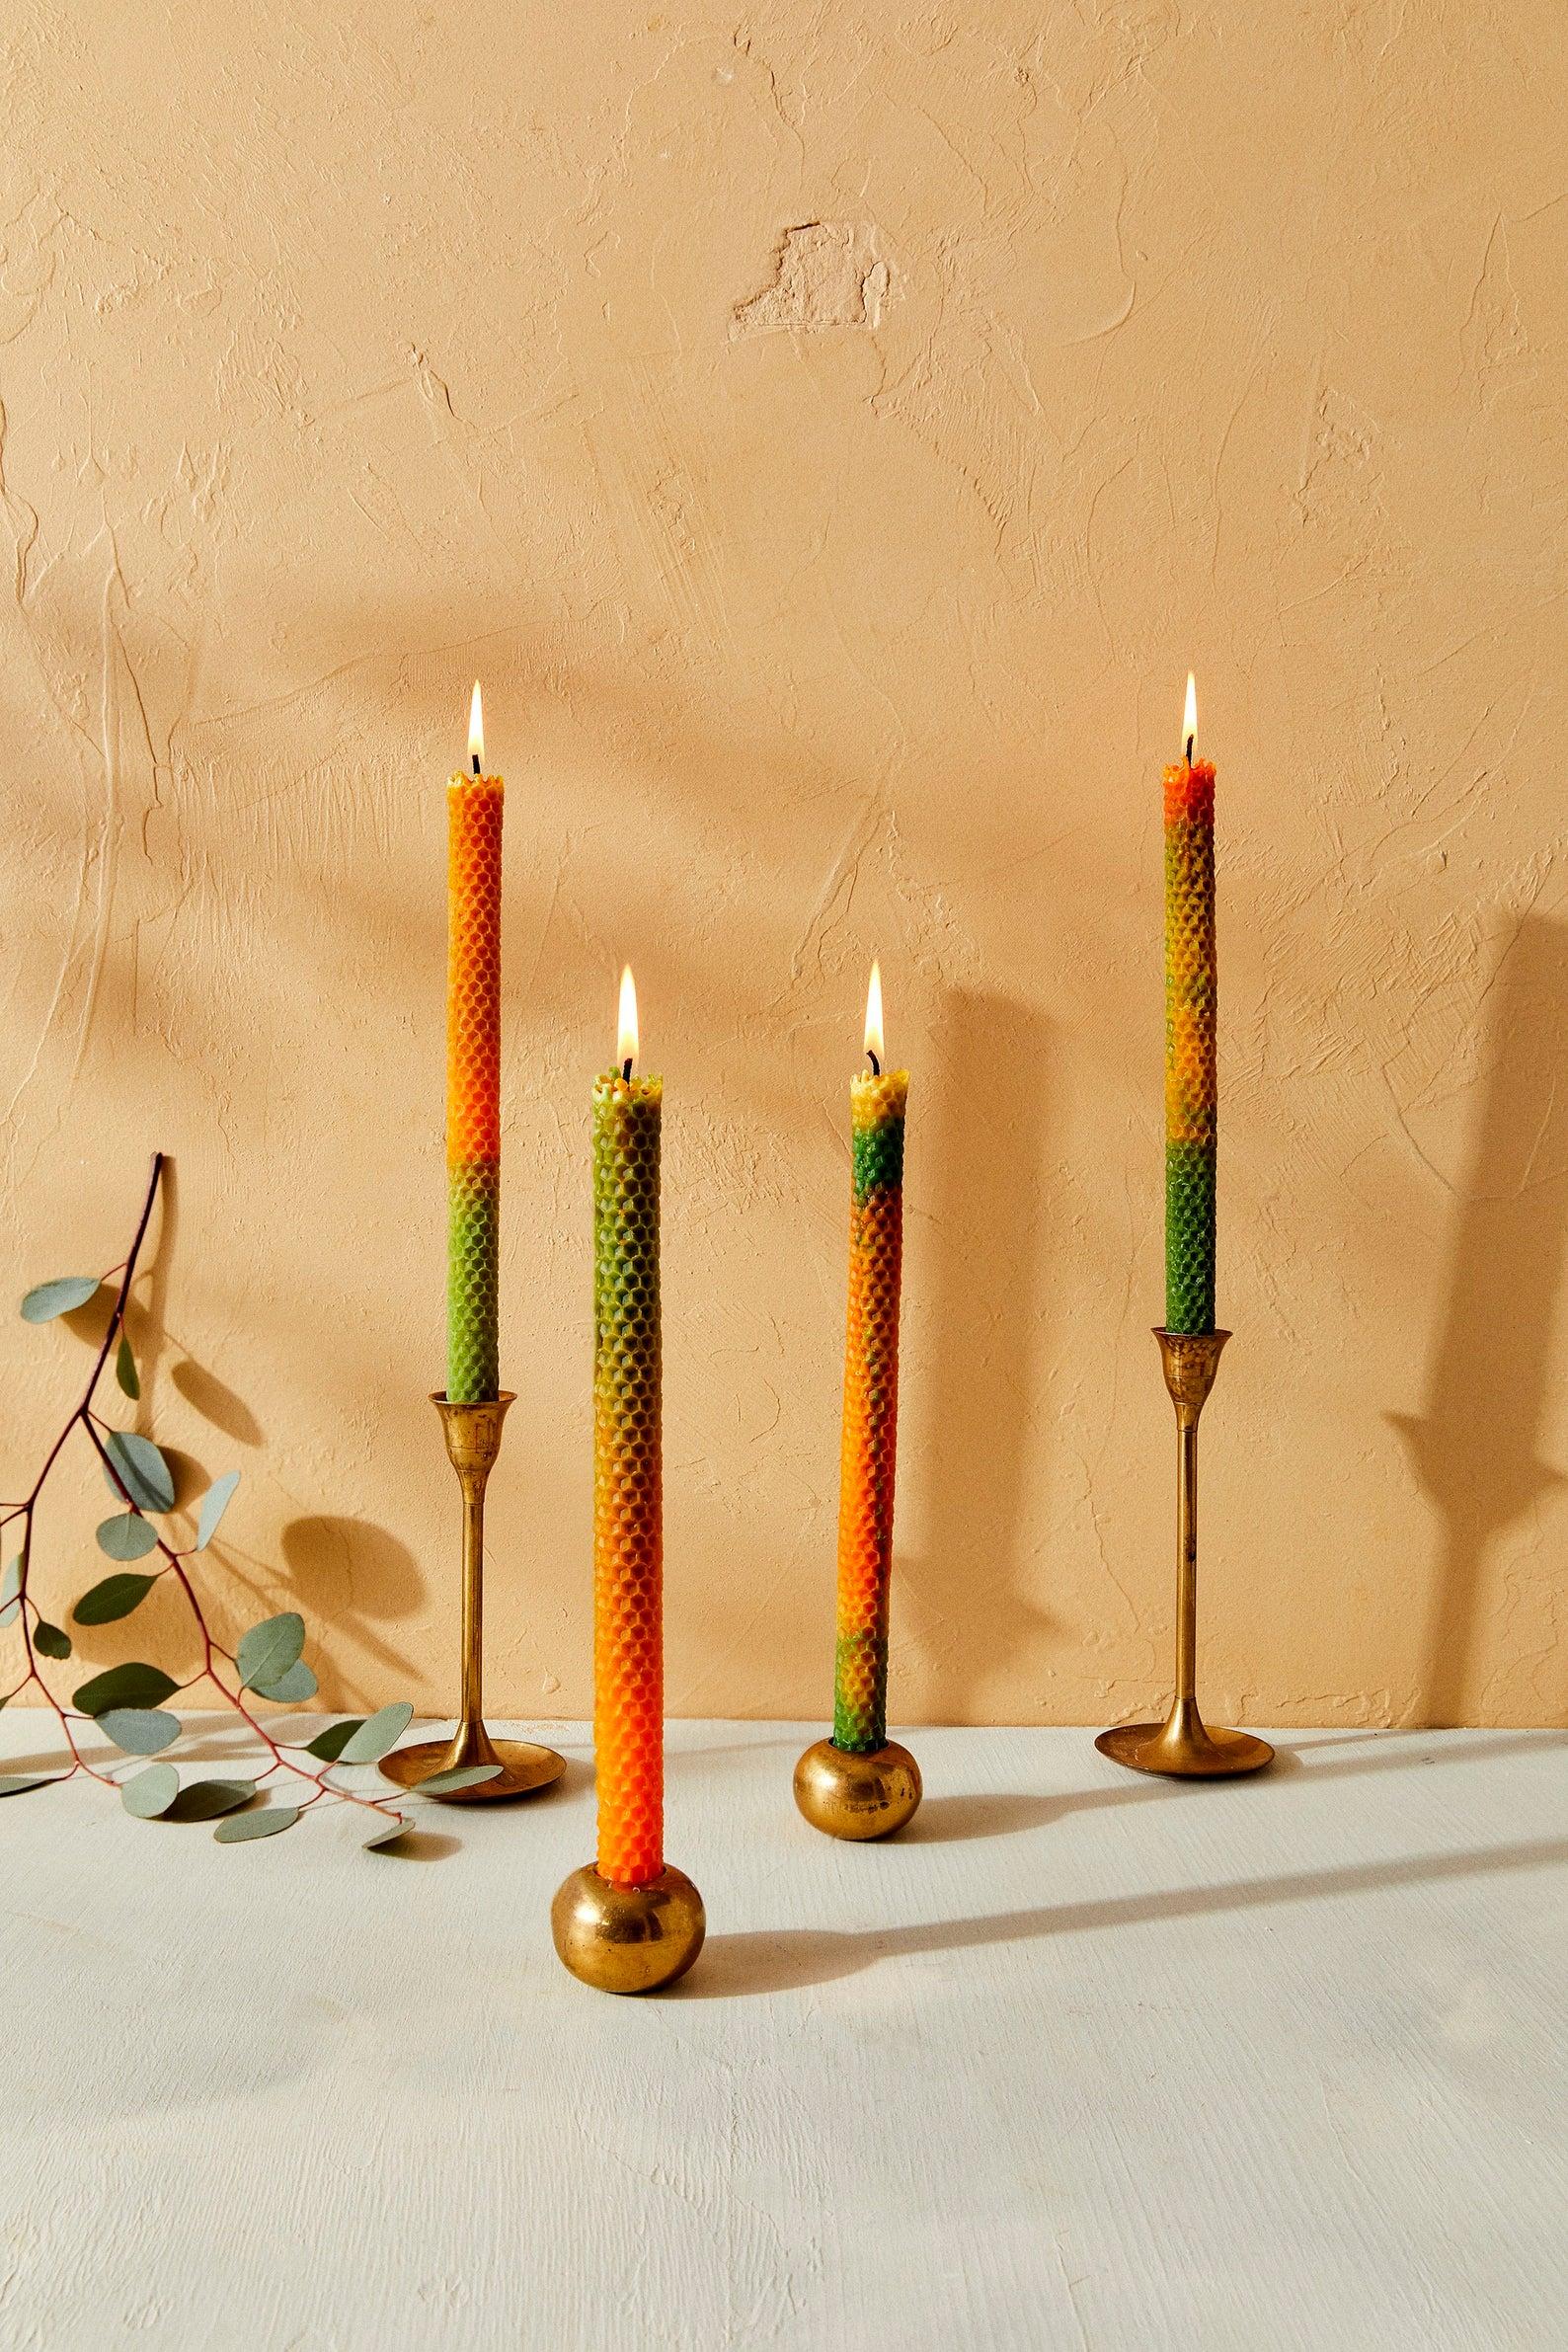 Ensemble de 4 bougies formées à la main, en cire d'abeille, décorées de motif alvéolé, SOOWORKS, 53,13€.